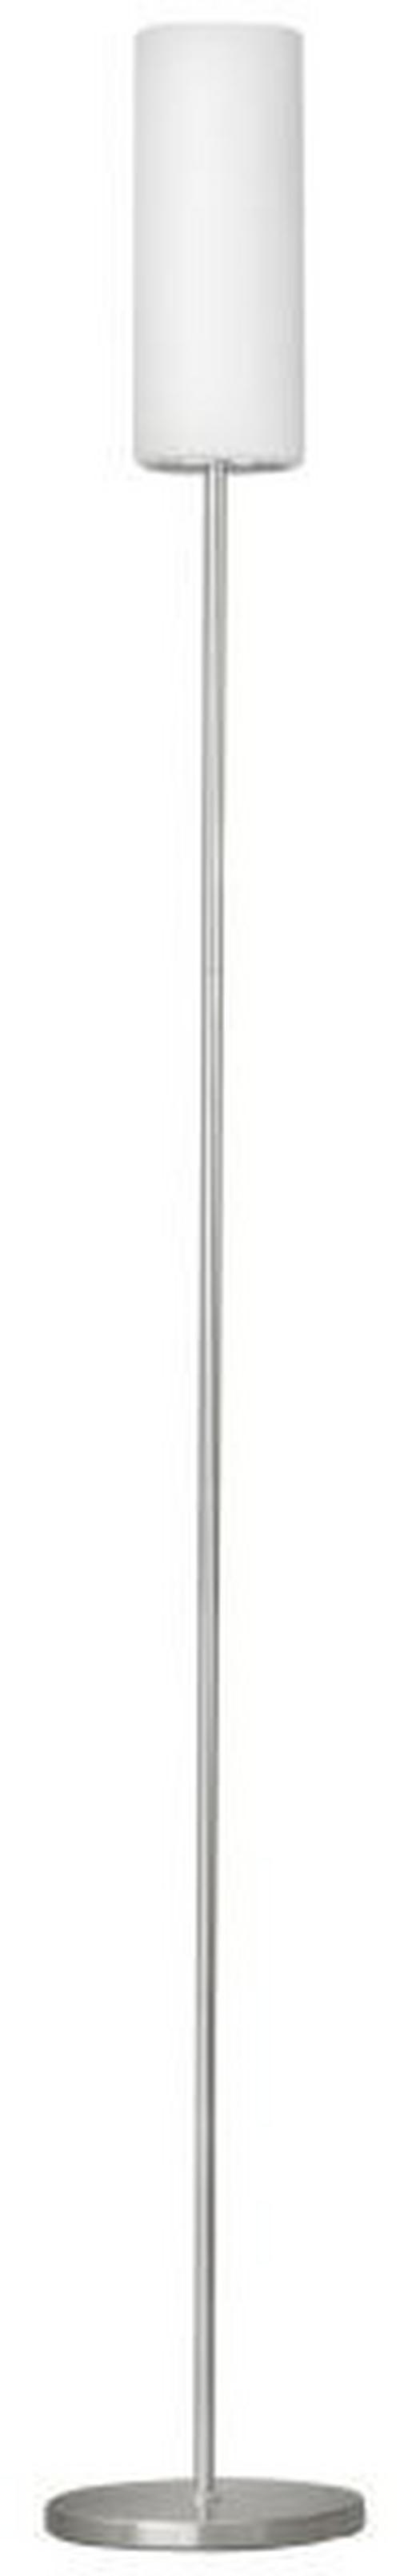 STEHLEUCHTE - Nickelfarben, KONVENTIONELL, Glas/Metall (10,5/153cm)